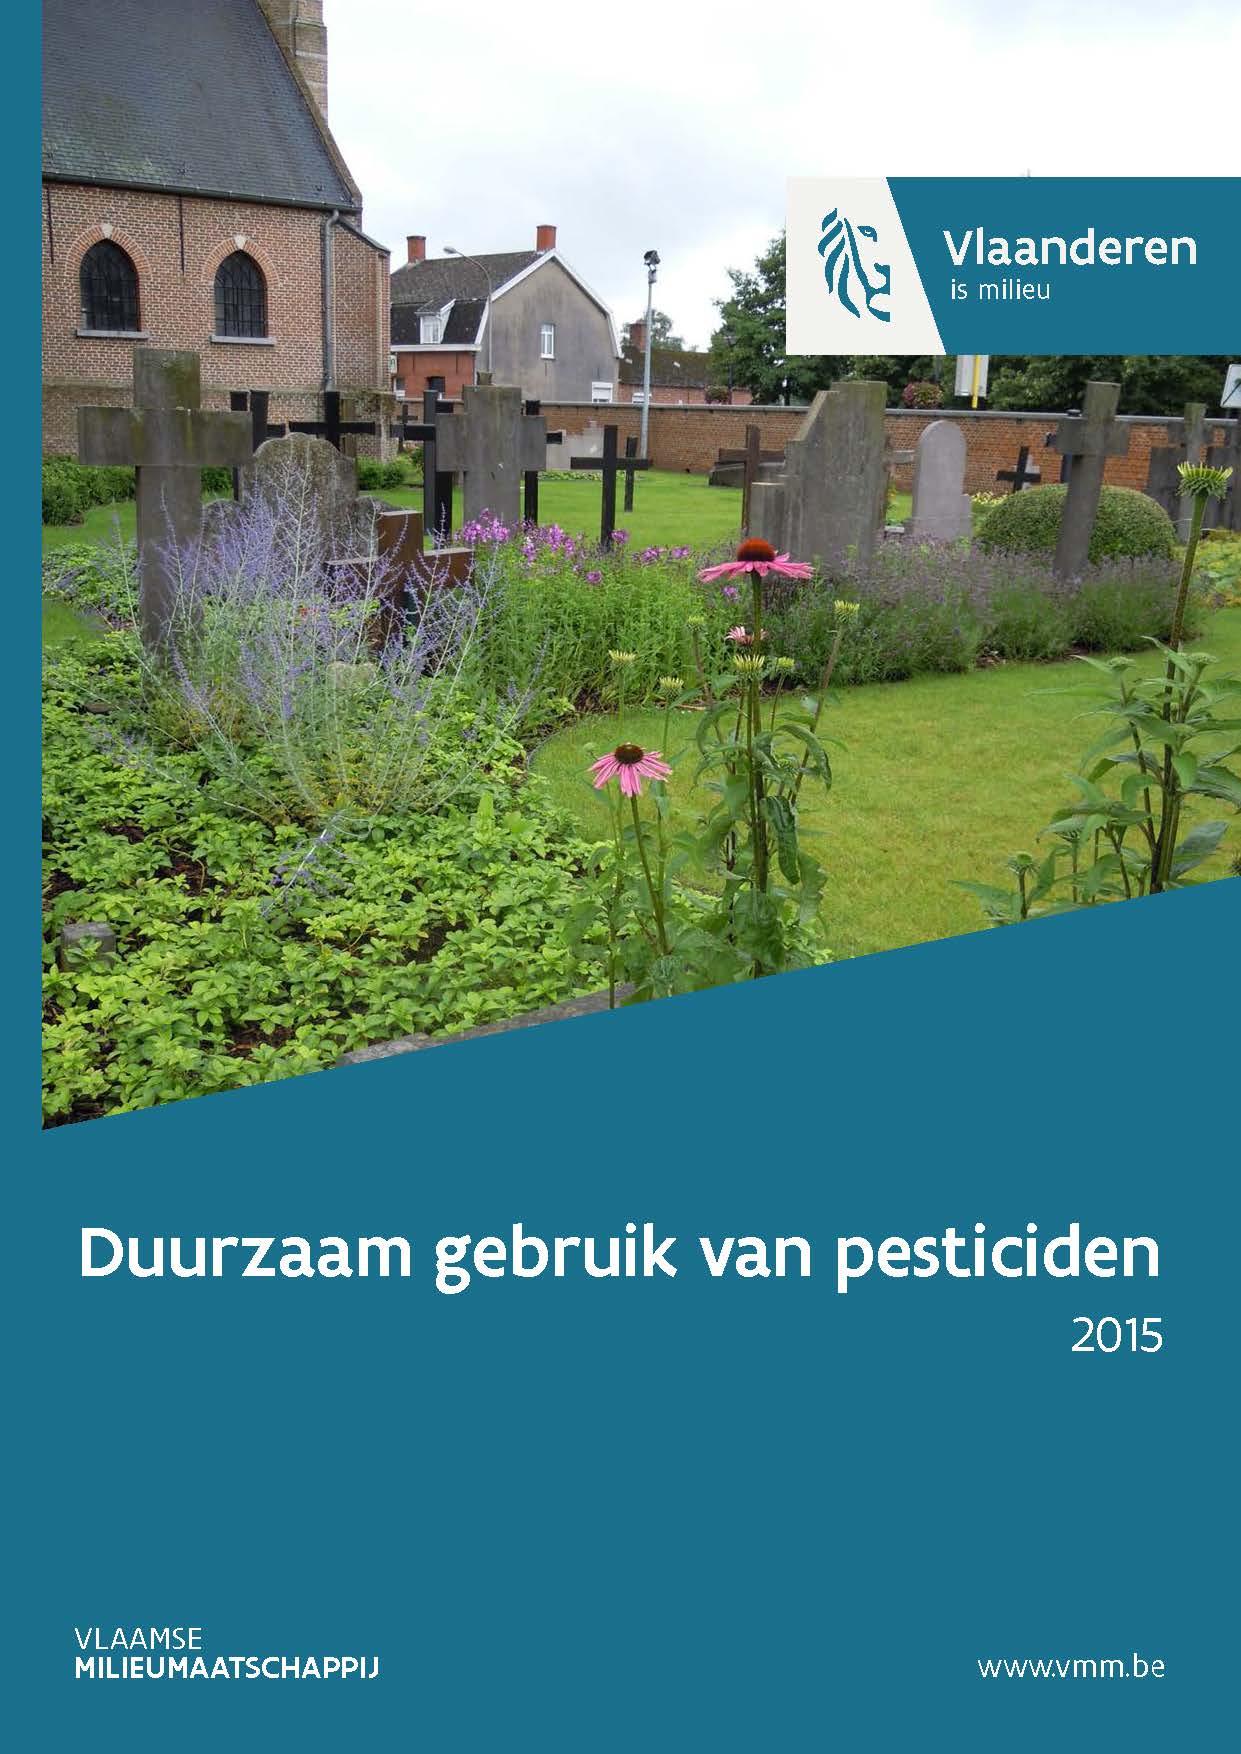 Cover Duurzaam gebruik pesticiden - 2015